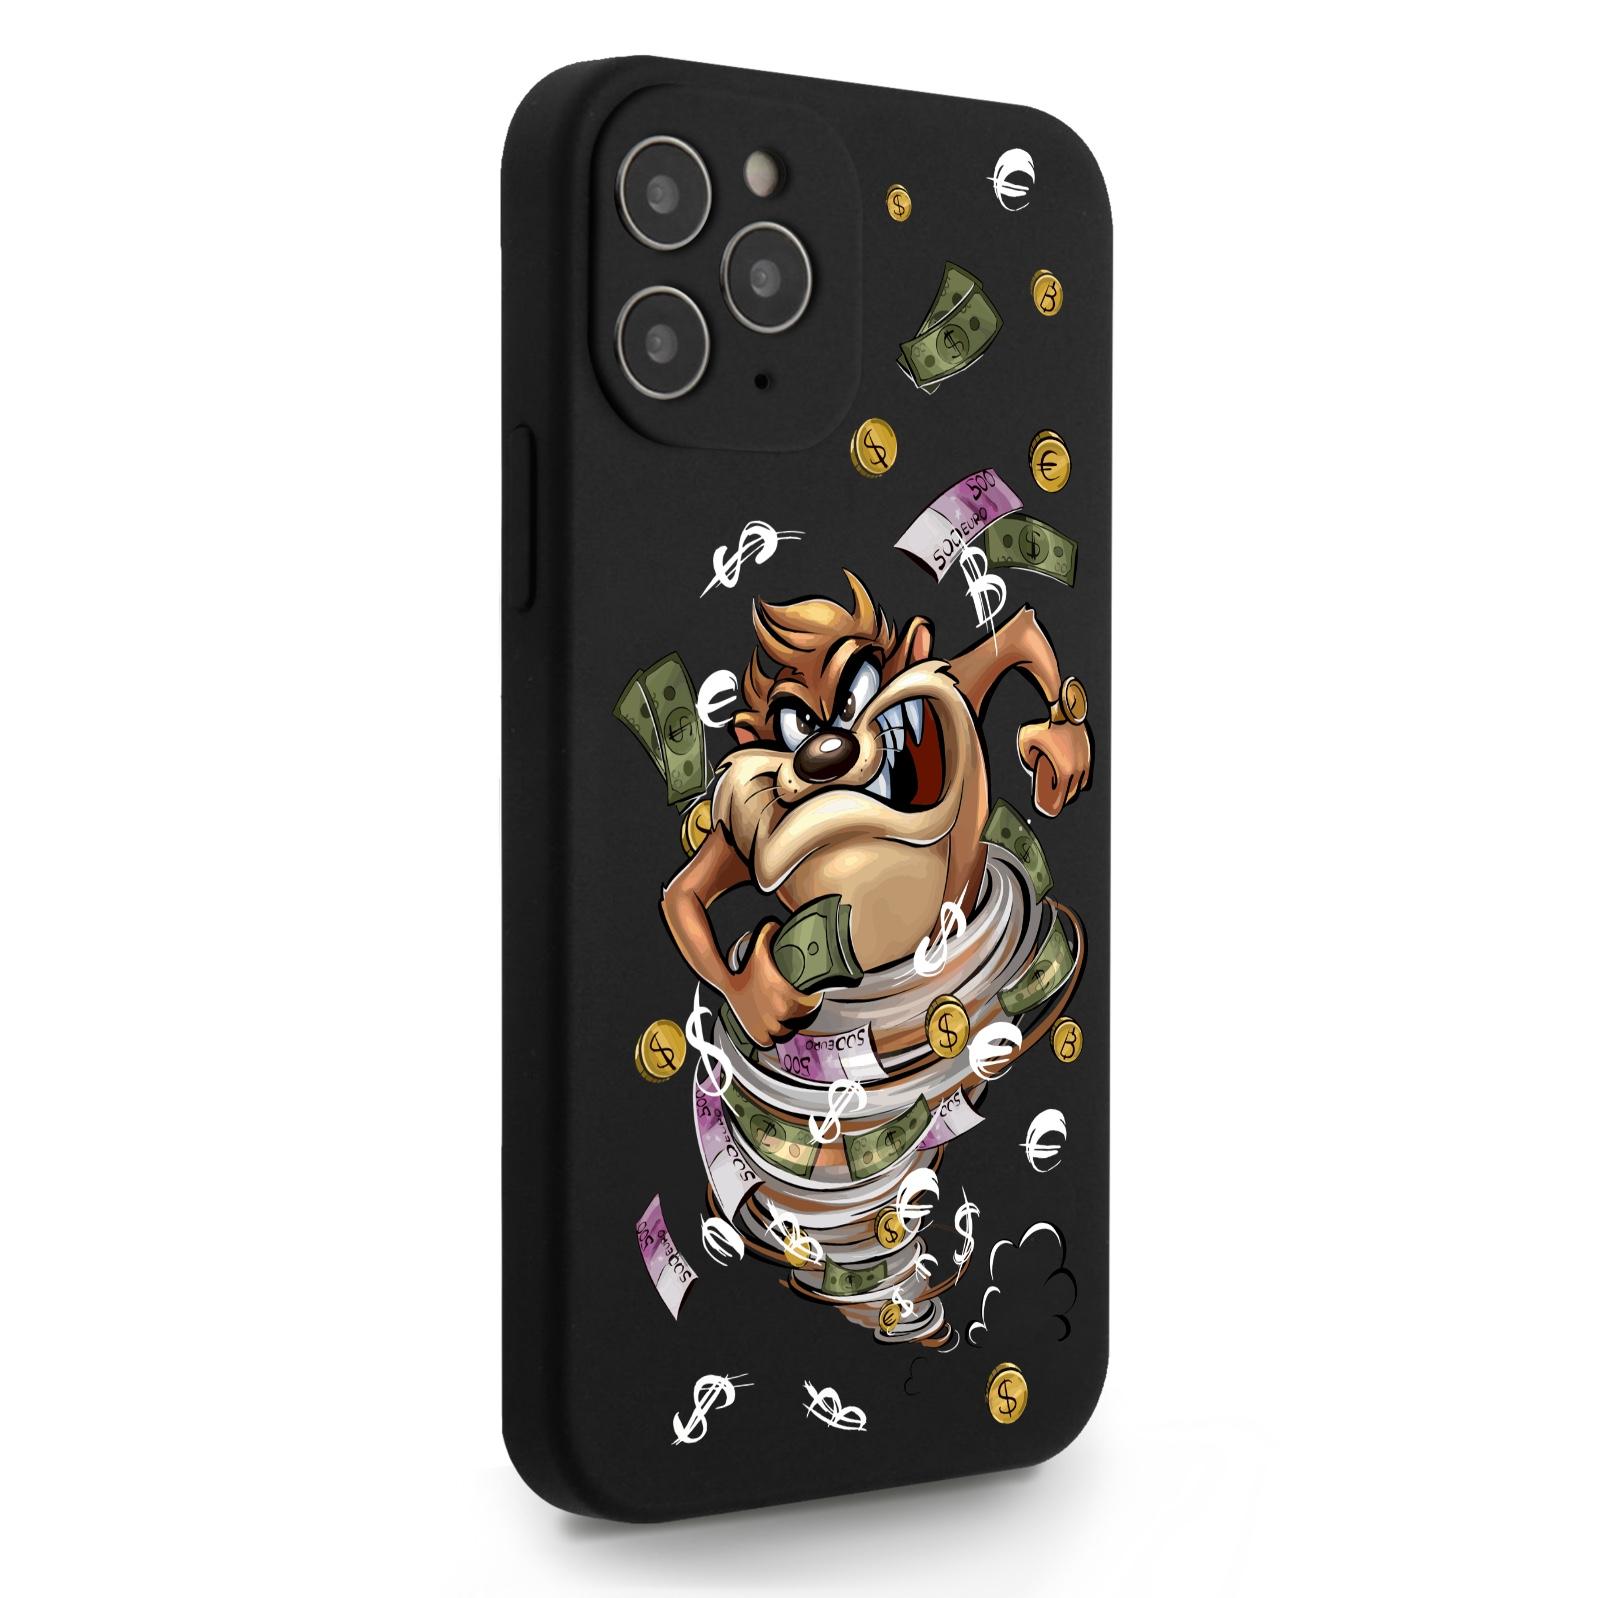 Черный силиконовый чехол для iPhone 12/12 Pro Торнадо для Айфон 12/12 Про